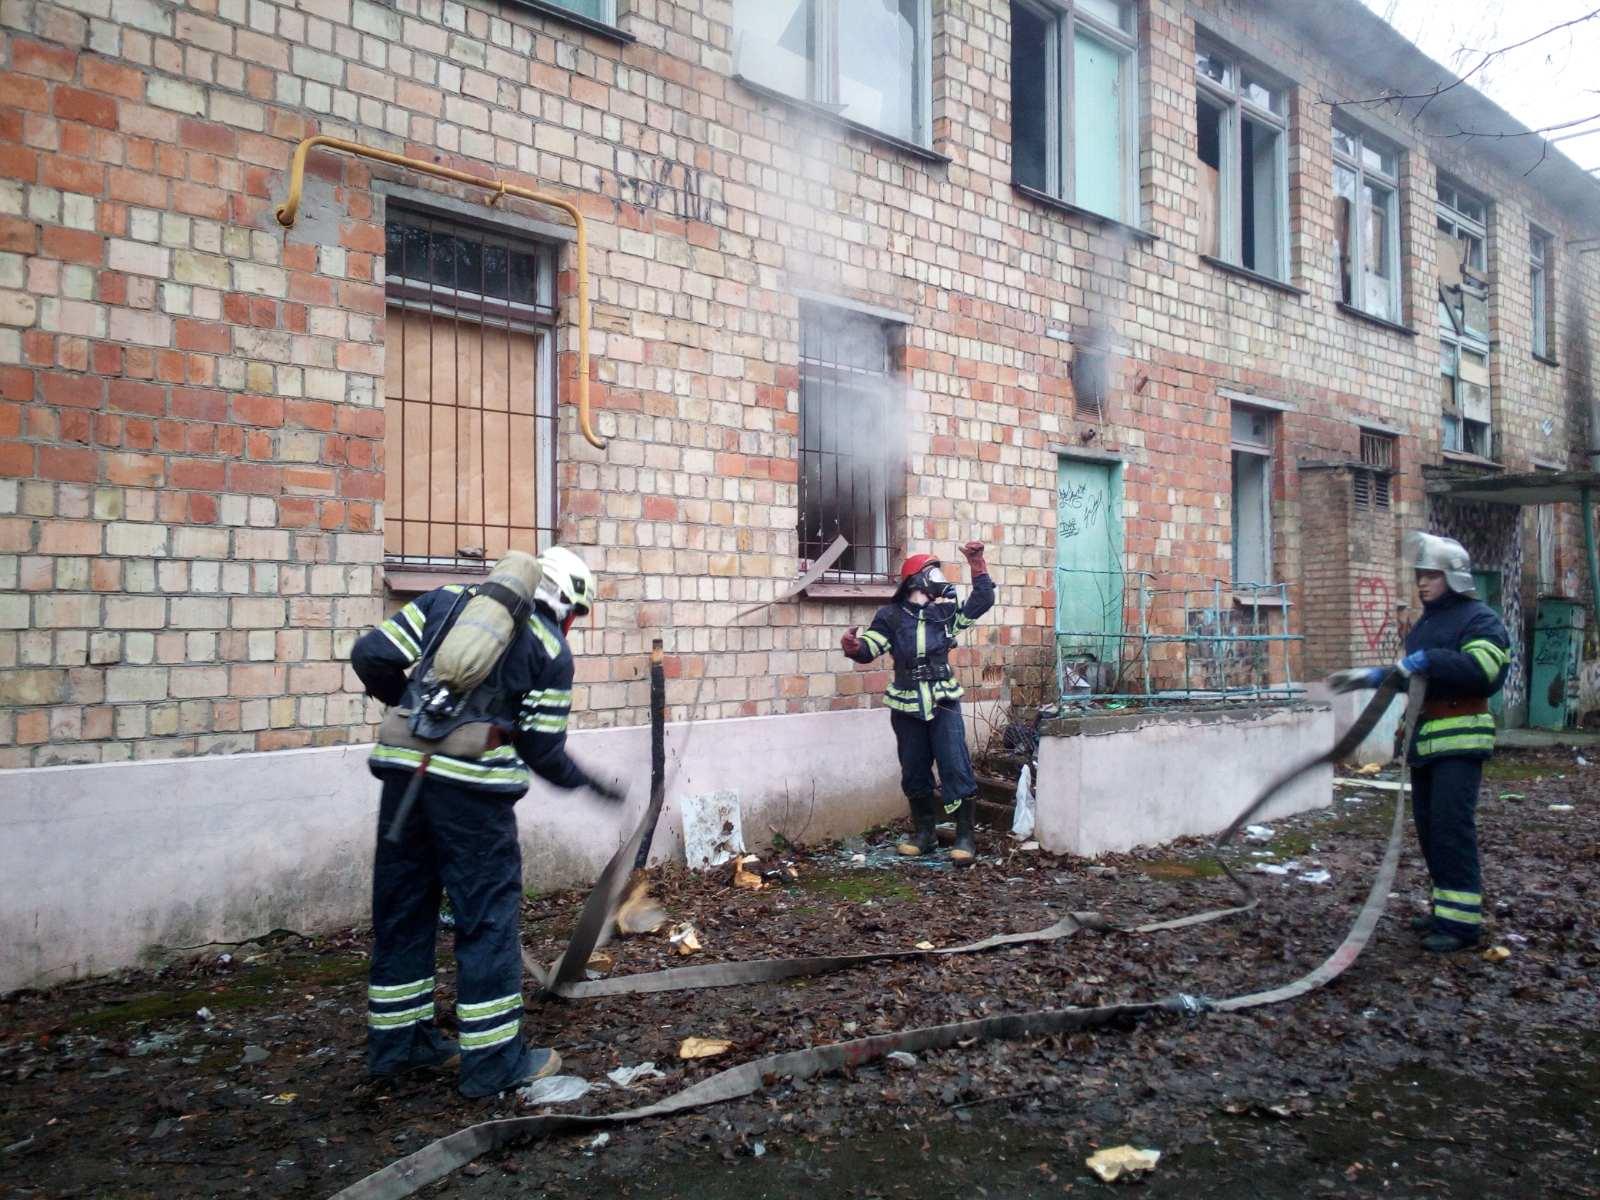 IMG-ecd2ccc80ca55d0137a75b7f75e80a70-V У Броварах сталося загорання у будівлі колишнього садочку